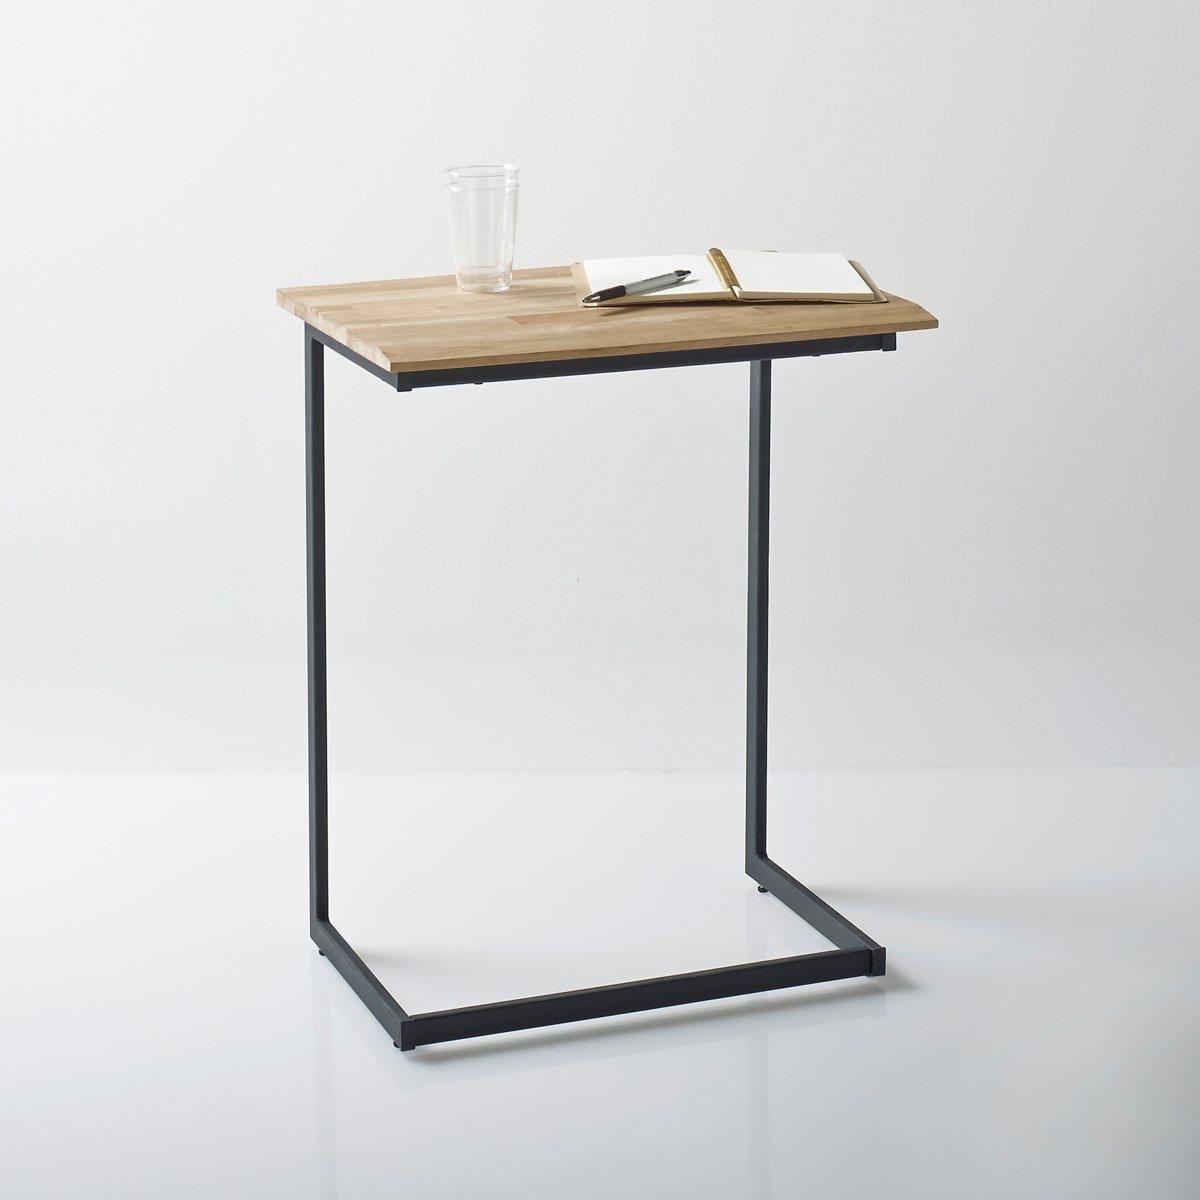 Столик из массива дуба и стали, HibaОписание столика из массива дуба и стали, Hiba :Регулируемые защитные накладки на ножки .Характеристики столика из массива дуба и стали, Hiba  :Столешница из массива дуба с масляной обработкой,Такая пропитка обеспечивает легкий уход .   Ножки-салазки из лакированной эпоксидной стали черного цвета, отделка под патину (слегка рельефная, искусственно неровная) Найдите всю коллекцию Hiba на нашем сайте ..Размеры столика из массива дуба и стали, Hiba  :Ширина : 50 смВысота : 63 смГлубина : 30 смРазмеры и вес ящика :1 упаковка68 x 11 x 42 см 5 кг Доставка :Столик Hiba продается в собранном виде . Доставка будет осуществлена до квартиры !Внимание   ! Убедитесь, что посылку возможно доставить на дом, учитывая ее габариты .<br><br>Цвет: ореховый<br>Размер: единый размер